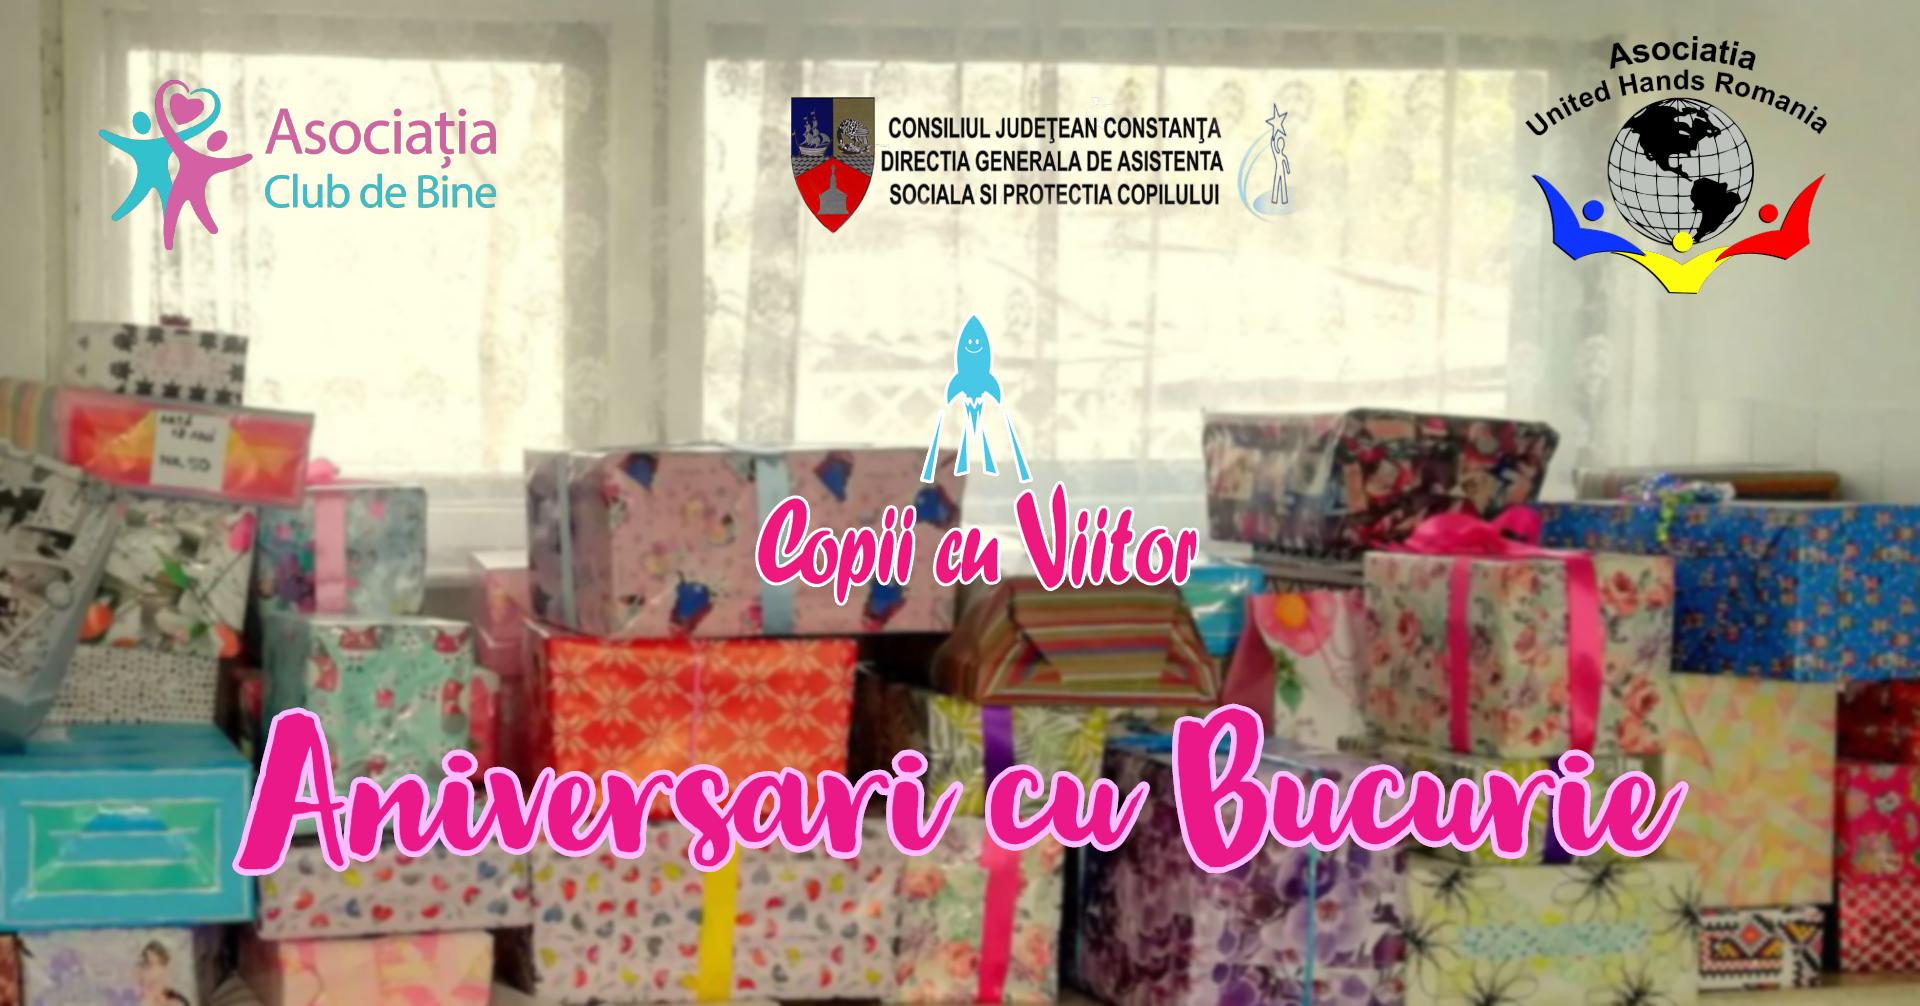 Aniversări cu bucurie - cadouri pentru copiii fără familie alături, în programul Copii cu Viitor